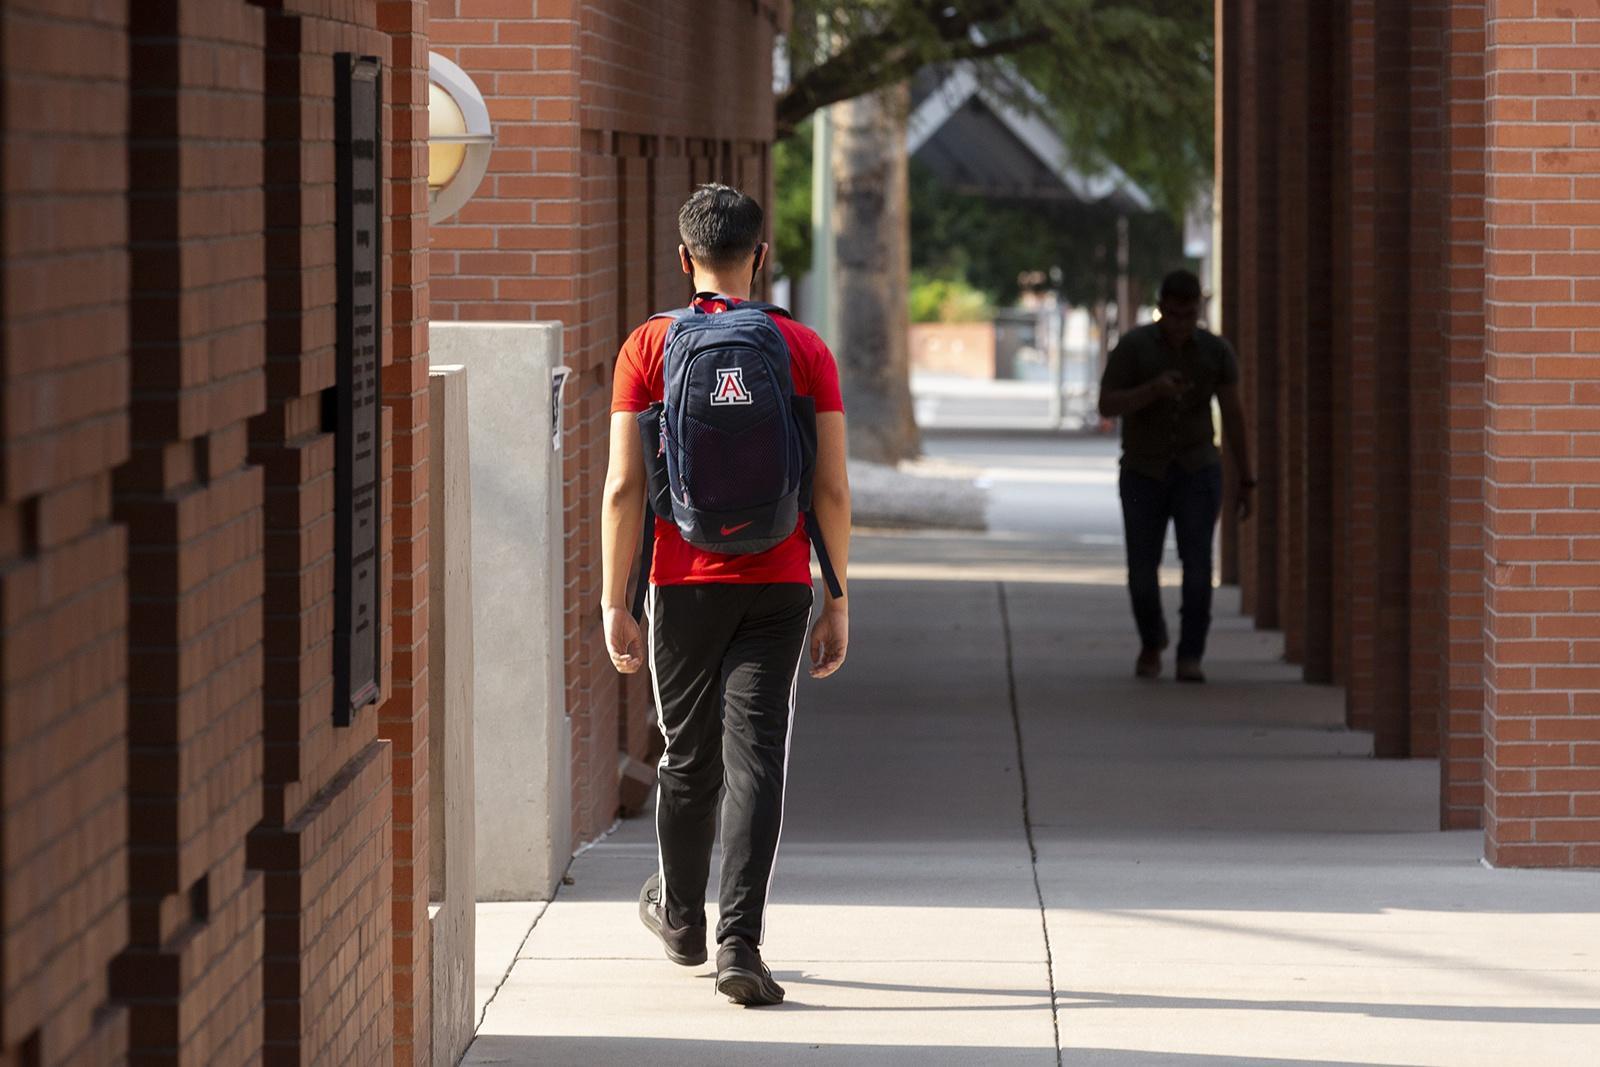 ↑学生走在校园里 图源:Getty